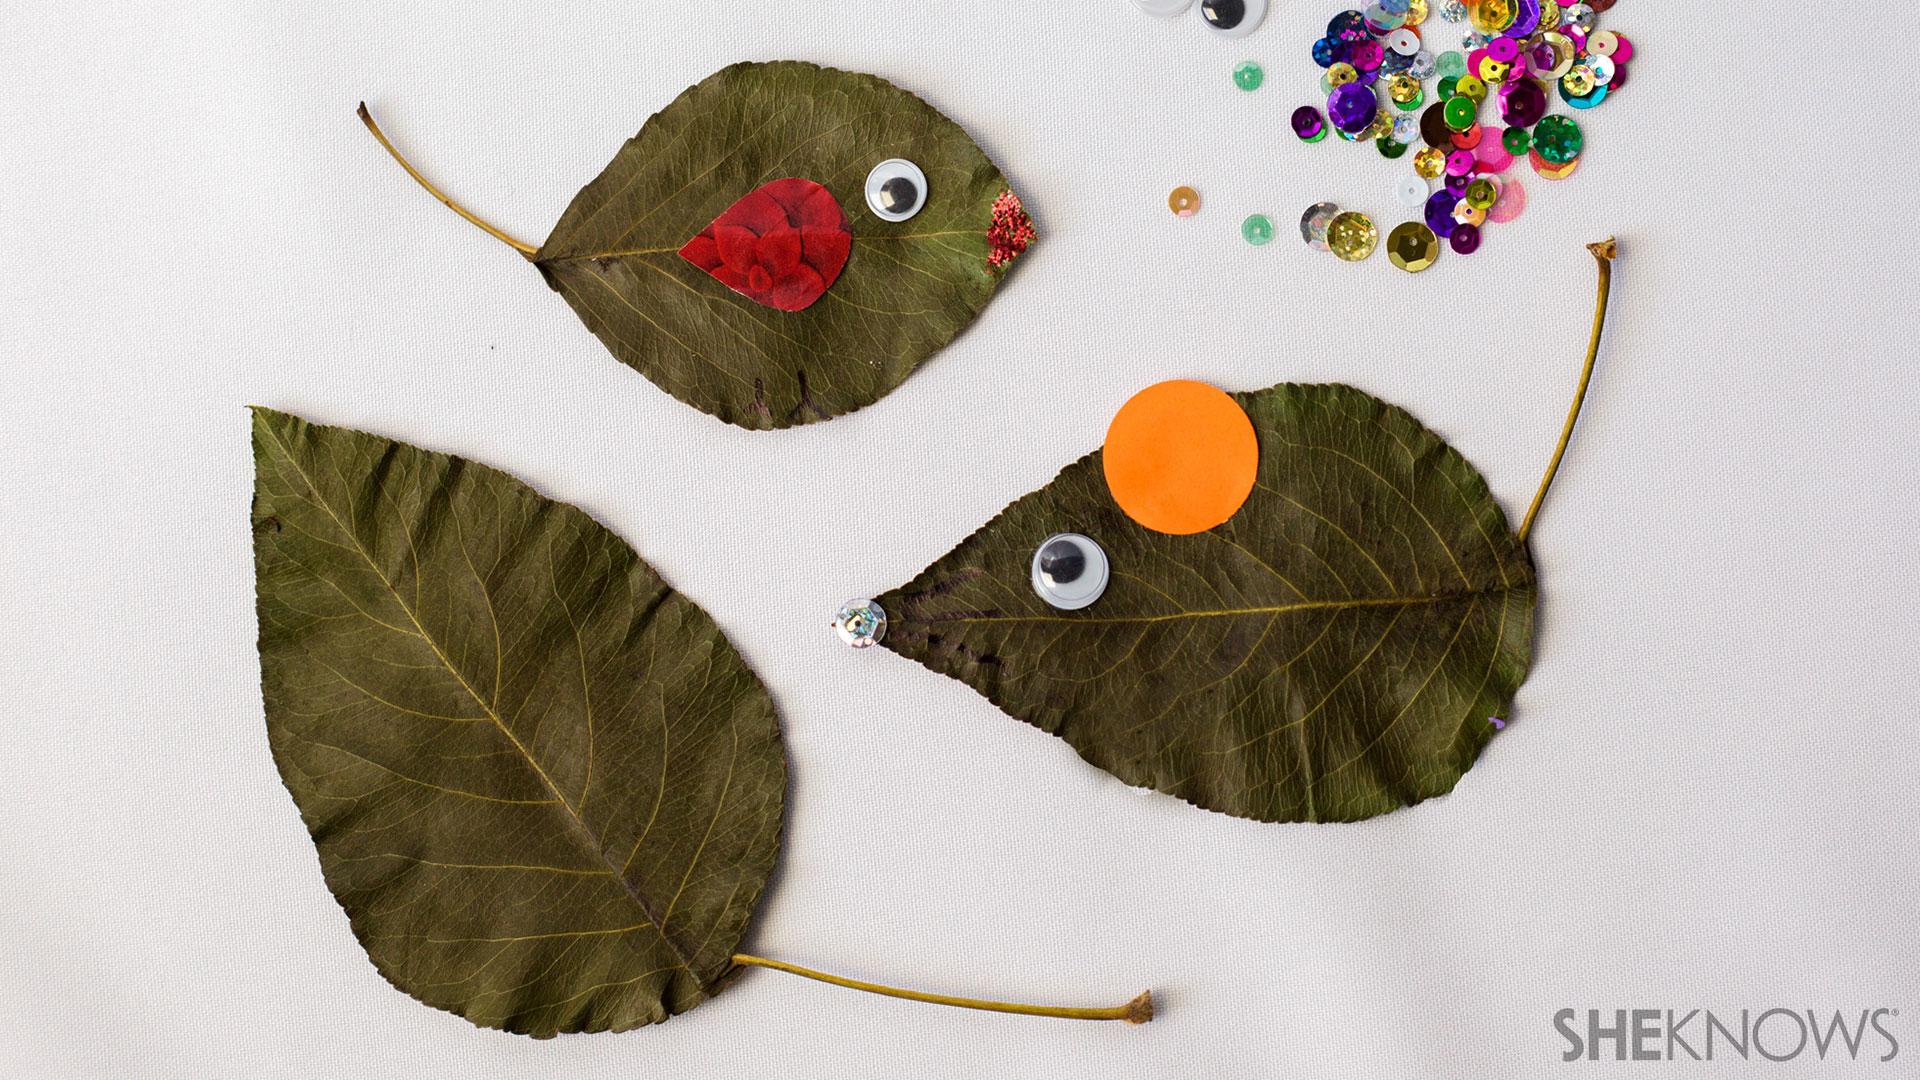 Leaf animal craft | Sheknows.com